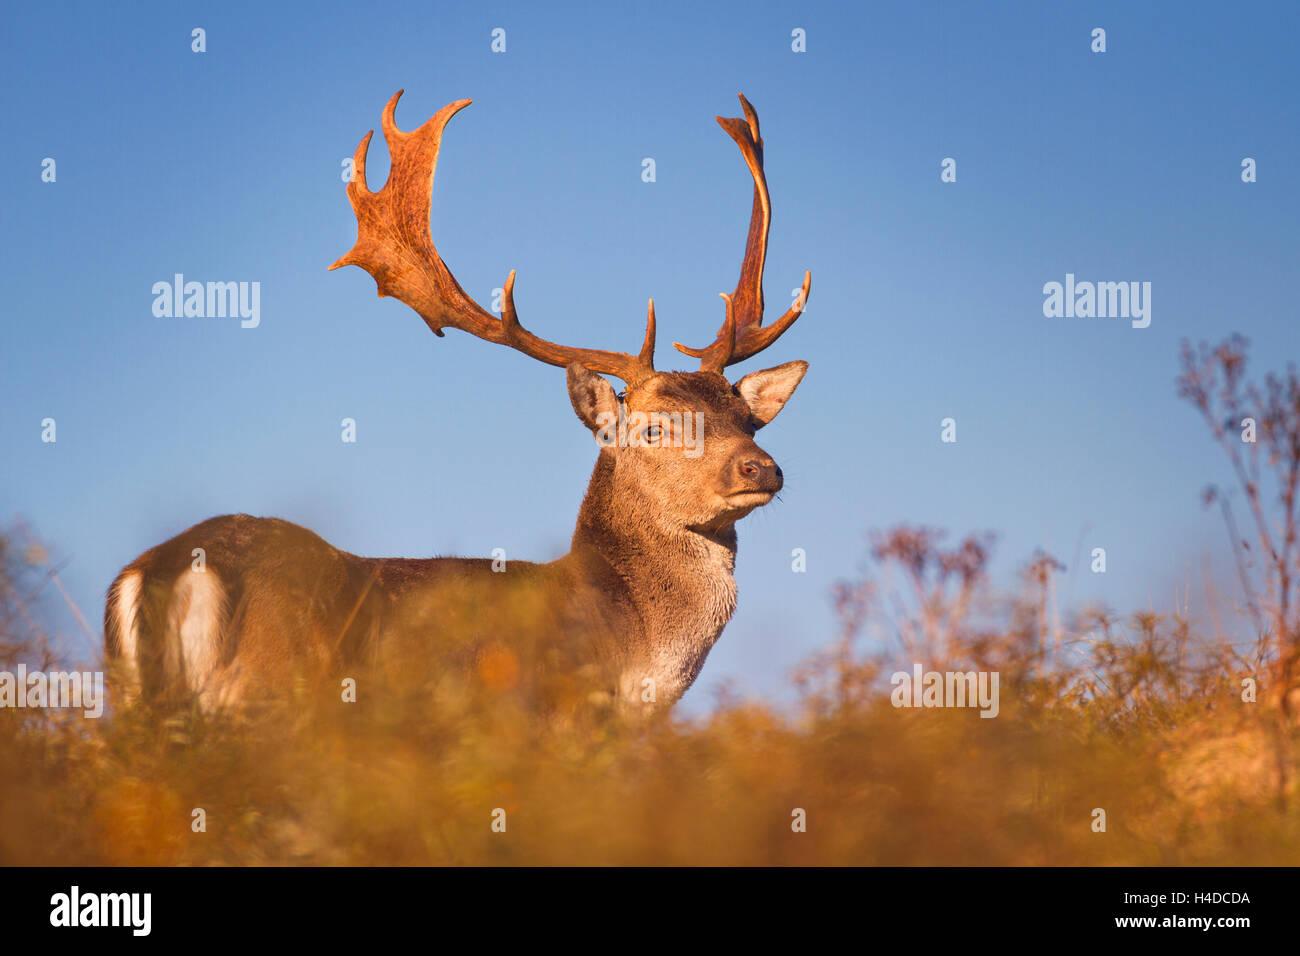 Eine wilde männliche Damhirsche im morgendlichen Sonnenlicht. Fotografiert im Herbst in der Brunft Saison in Stockbild